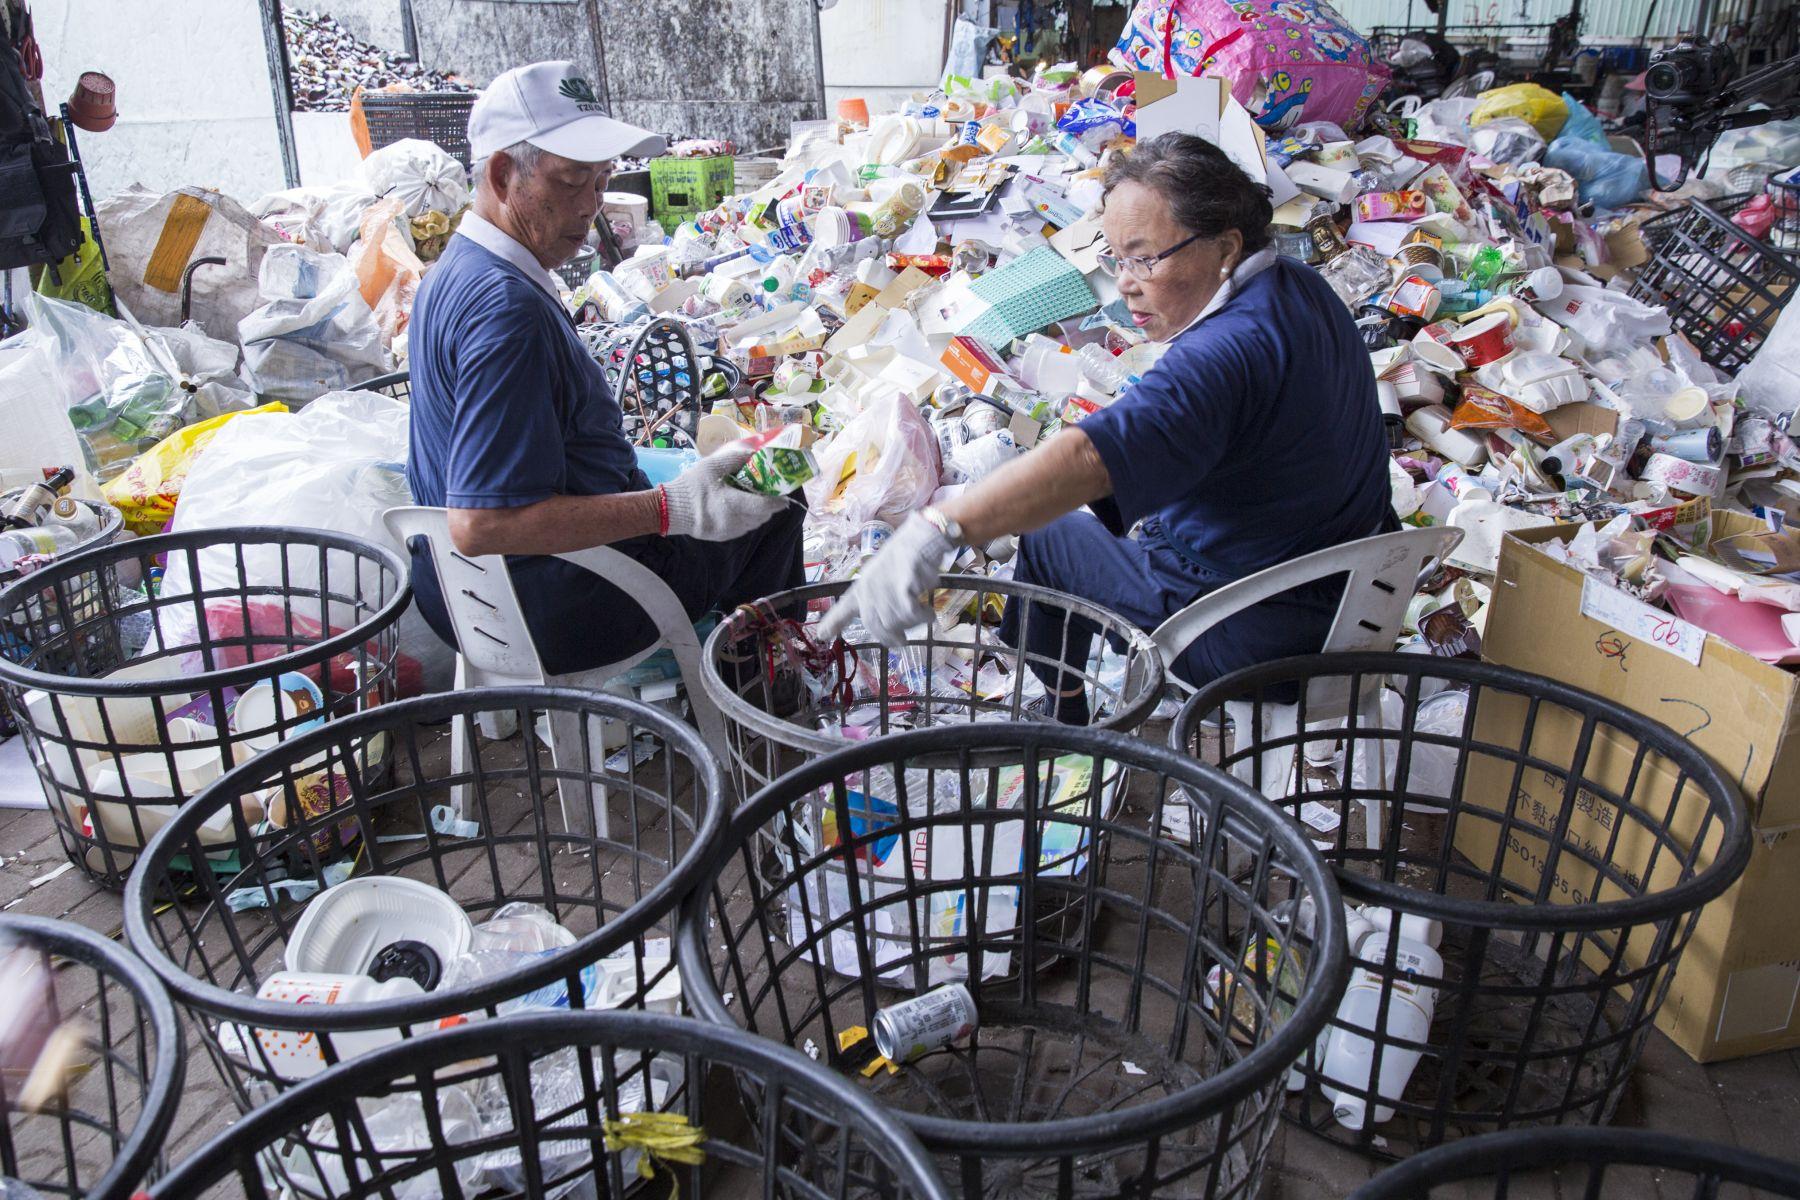 在花蓮慈濟醫院與回收站擔任志工的洪清海、林瓊雲夫婦已經簽署預立醫療決定,他們都不希望帶給孩子困擾,兩老每天仍然樂觀種菜或到醫院、環保回收站做志工。(黃子明攝)